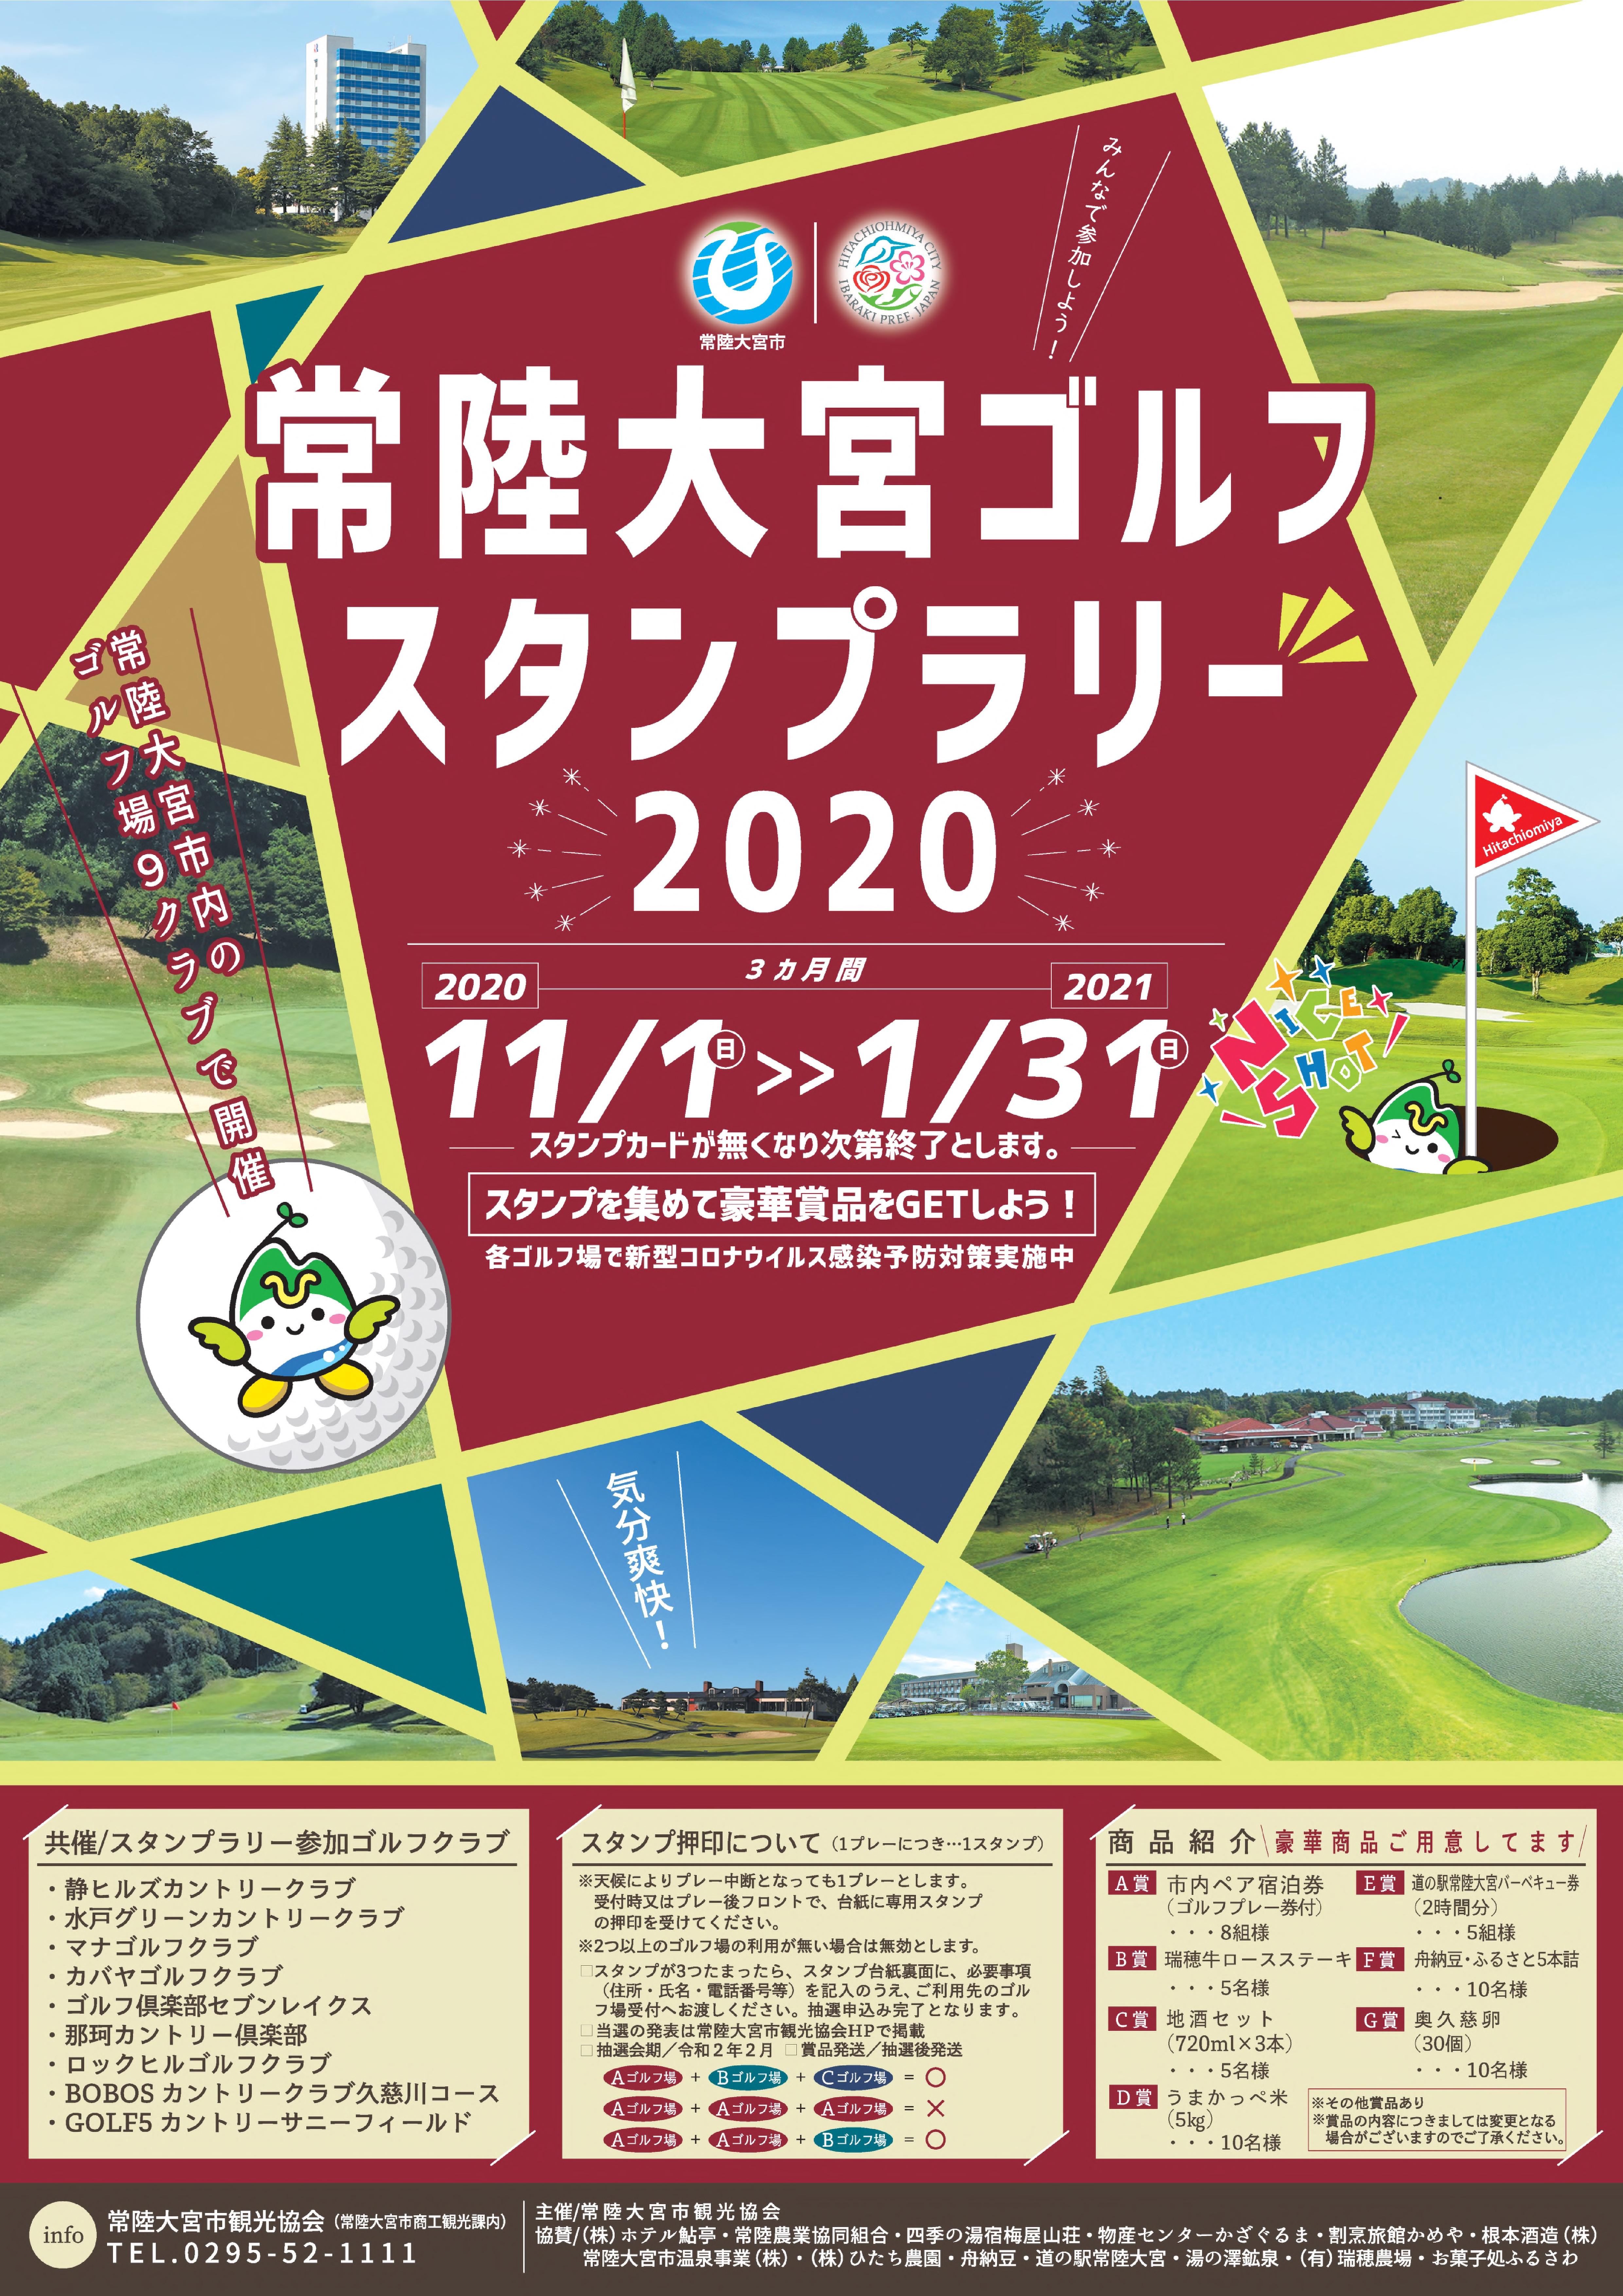 ゴルフスタンプラリー2020